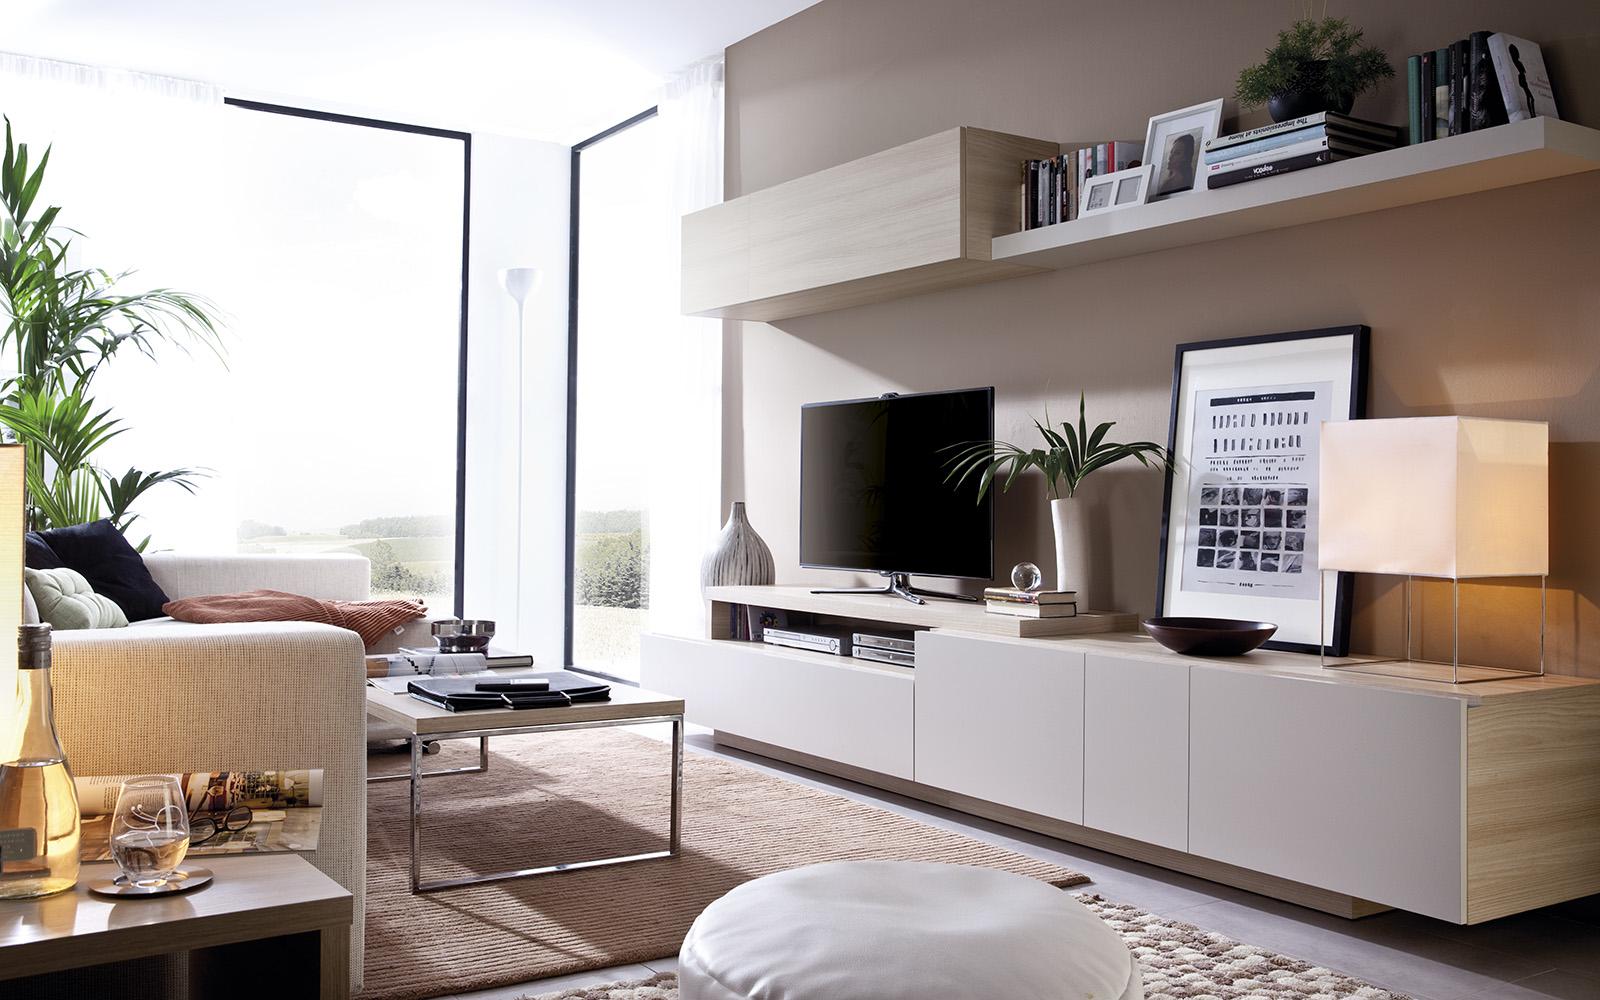 Tatat muebles a medida y m s expertos en mueble juvenil - Imagenes de salones ...